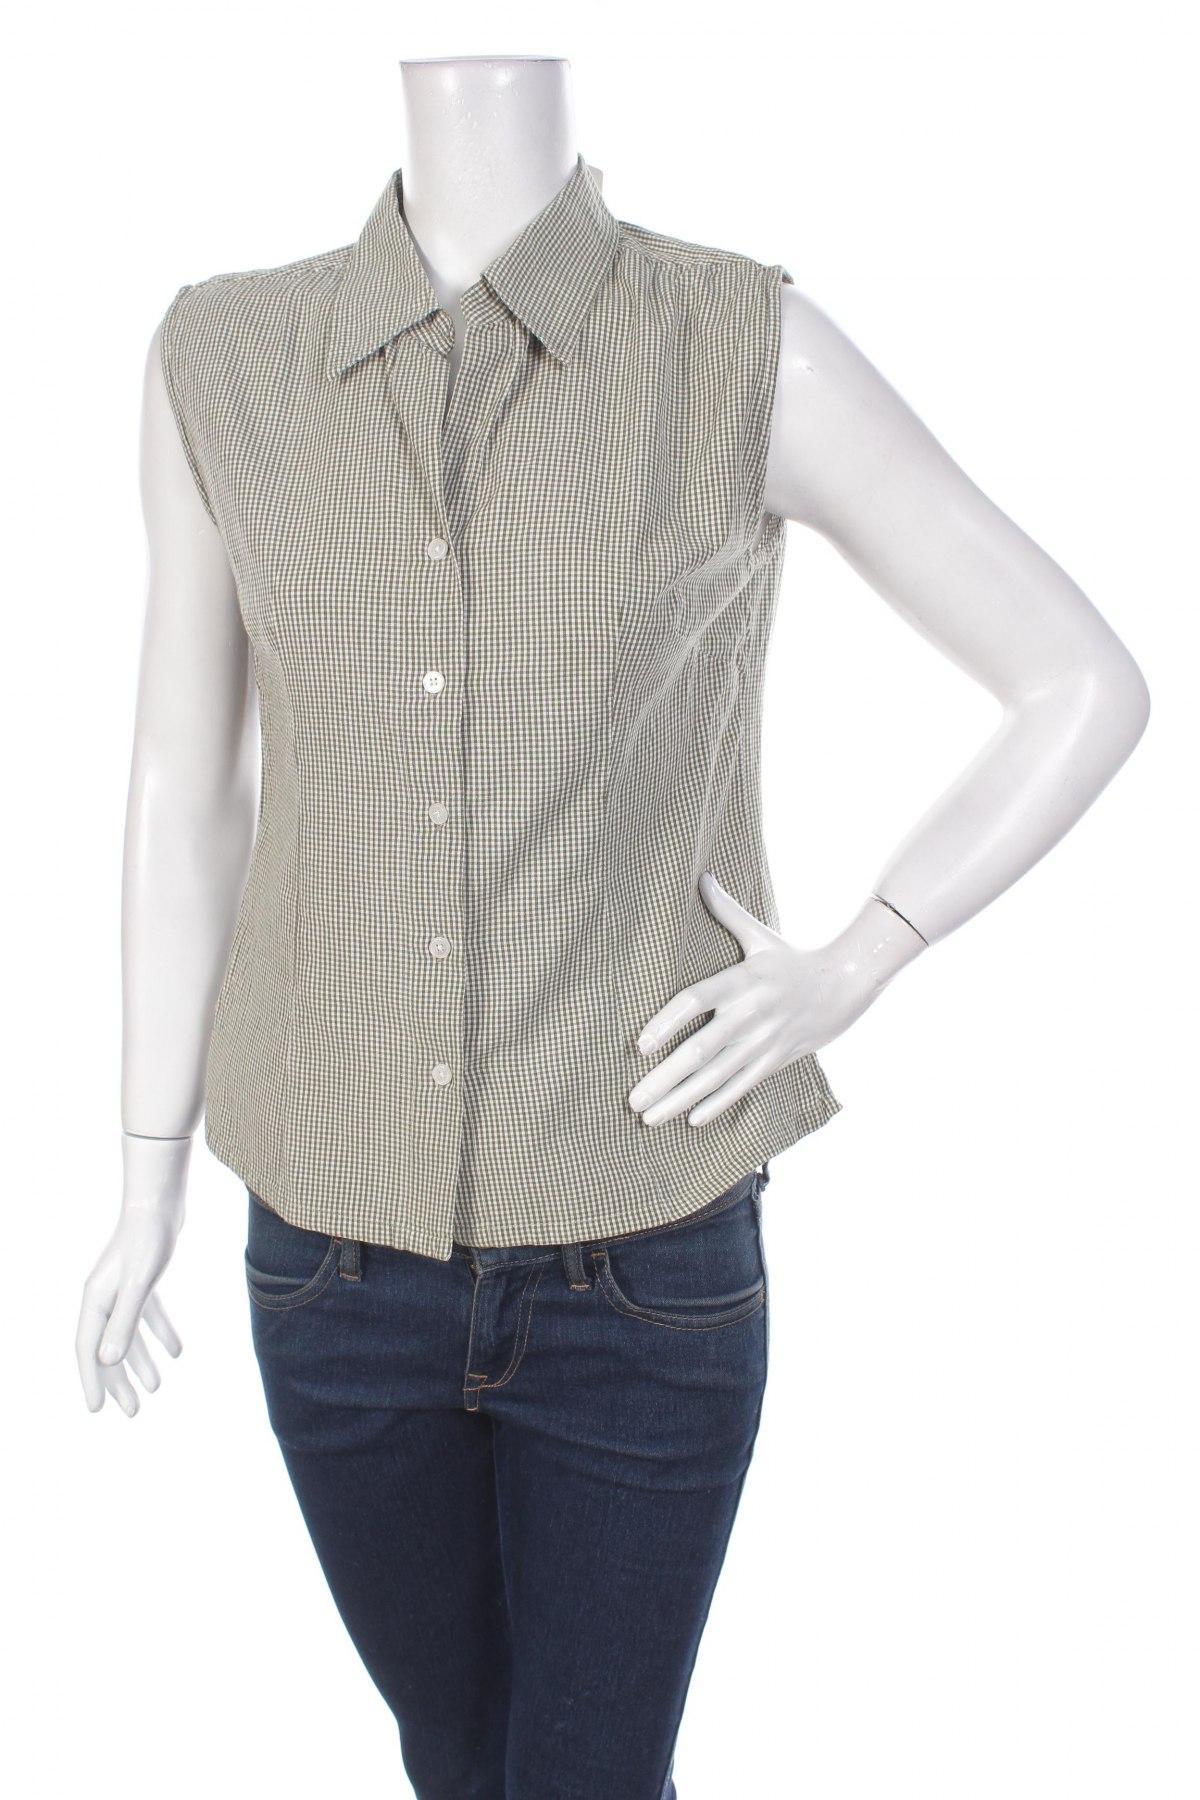 Γυναικείο πουκάμισο Flash, Μέγεθος M, Χρώμα Πράσινο, 100% βαμβάκι, Τιμή 12,99€